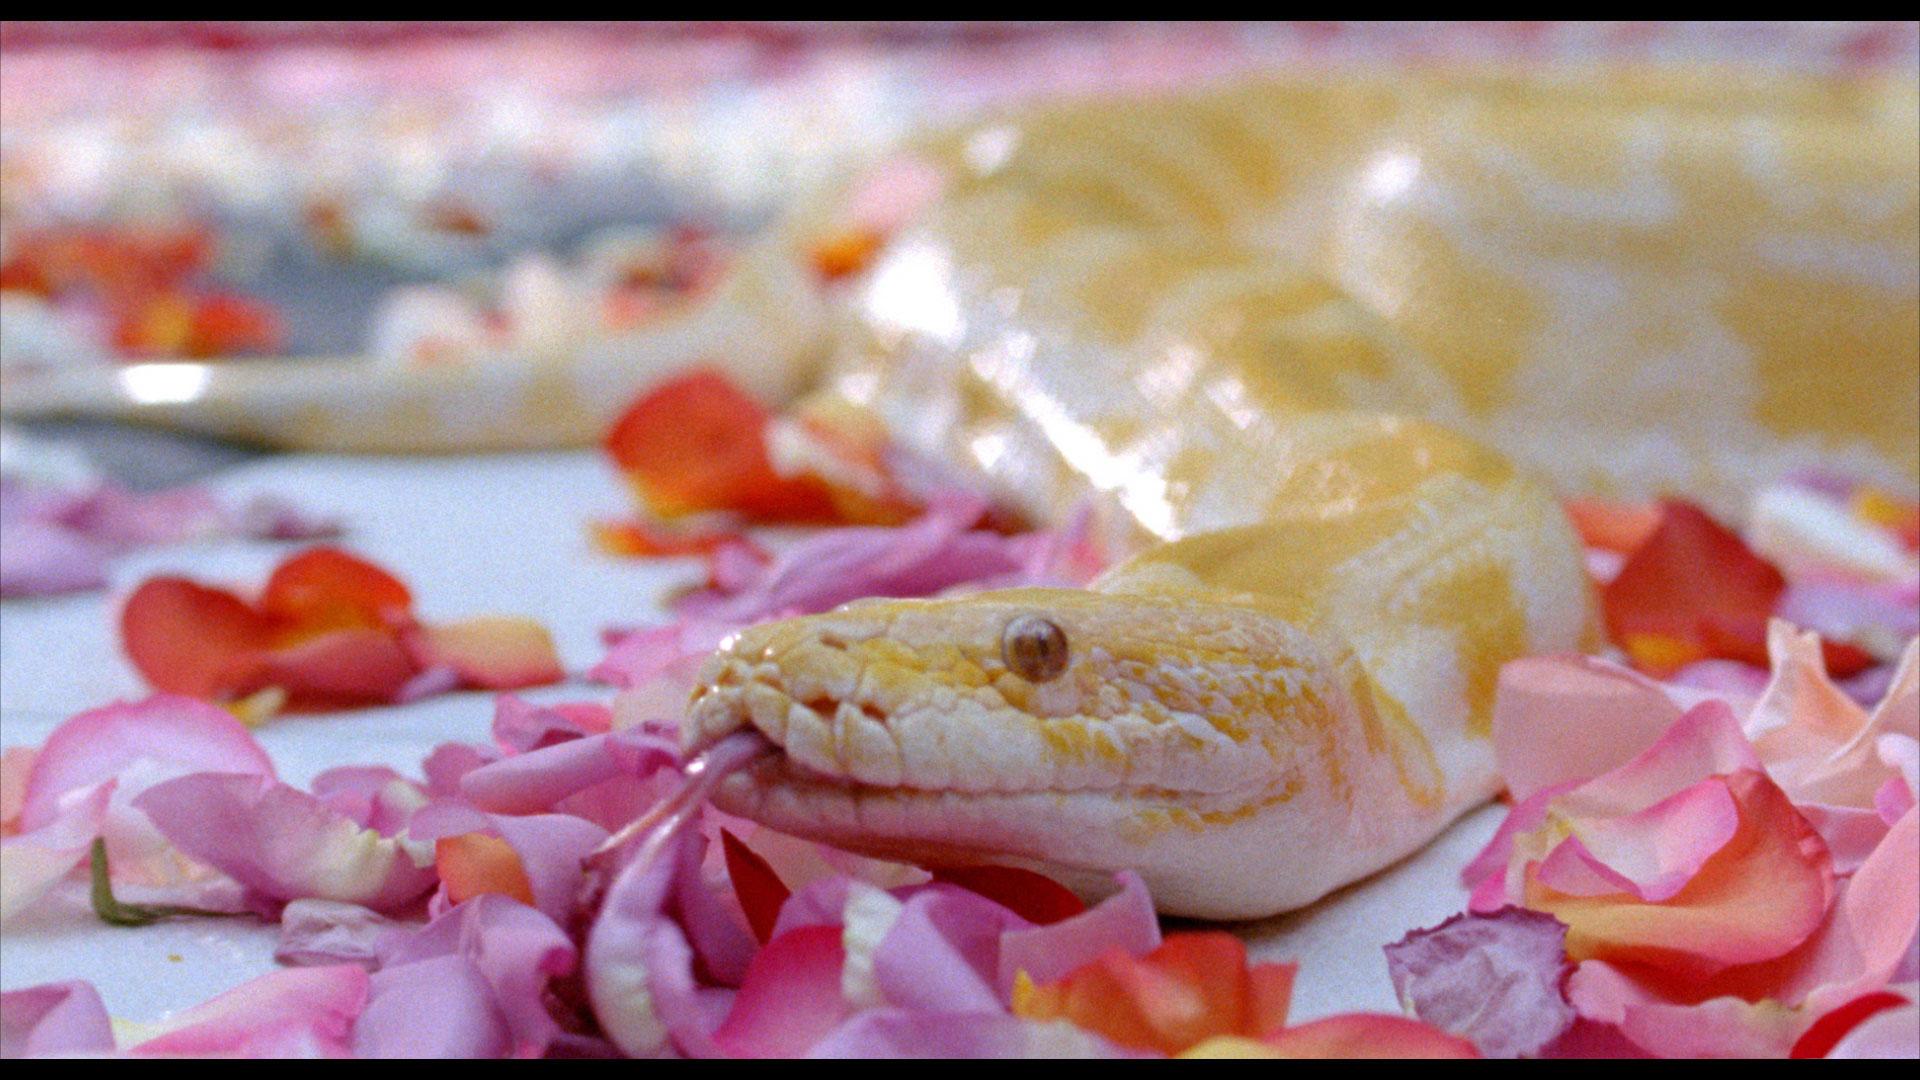 Film-Still_-Cloud-of-Petals-Snake.jpg